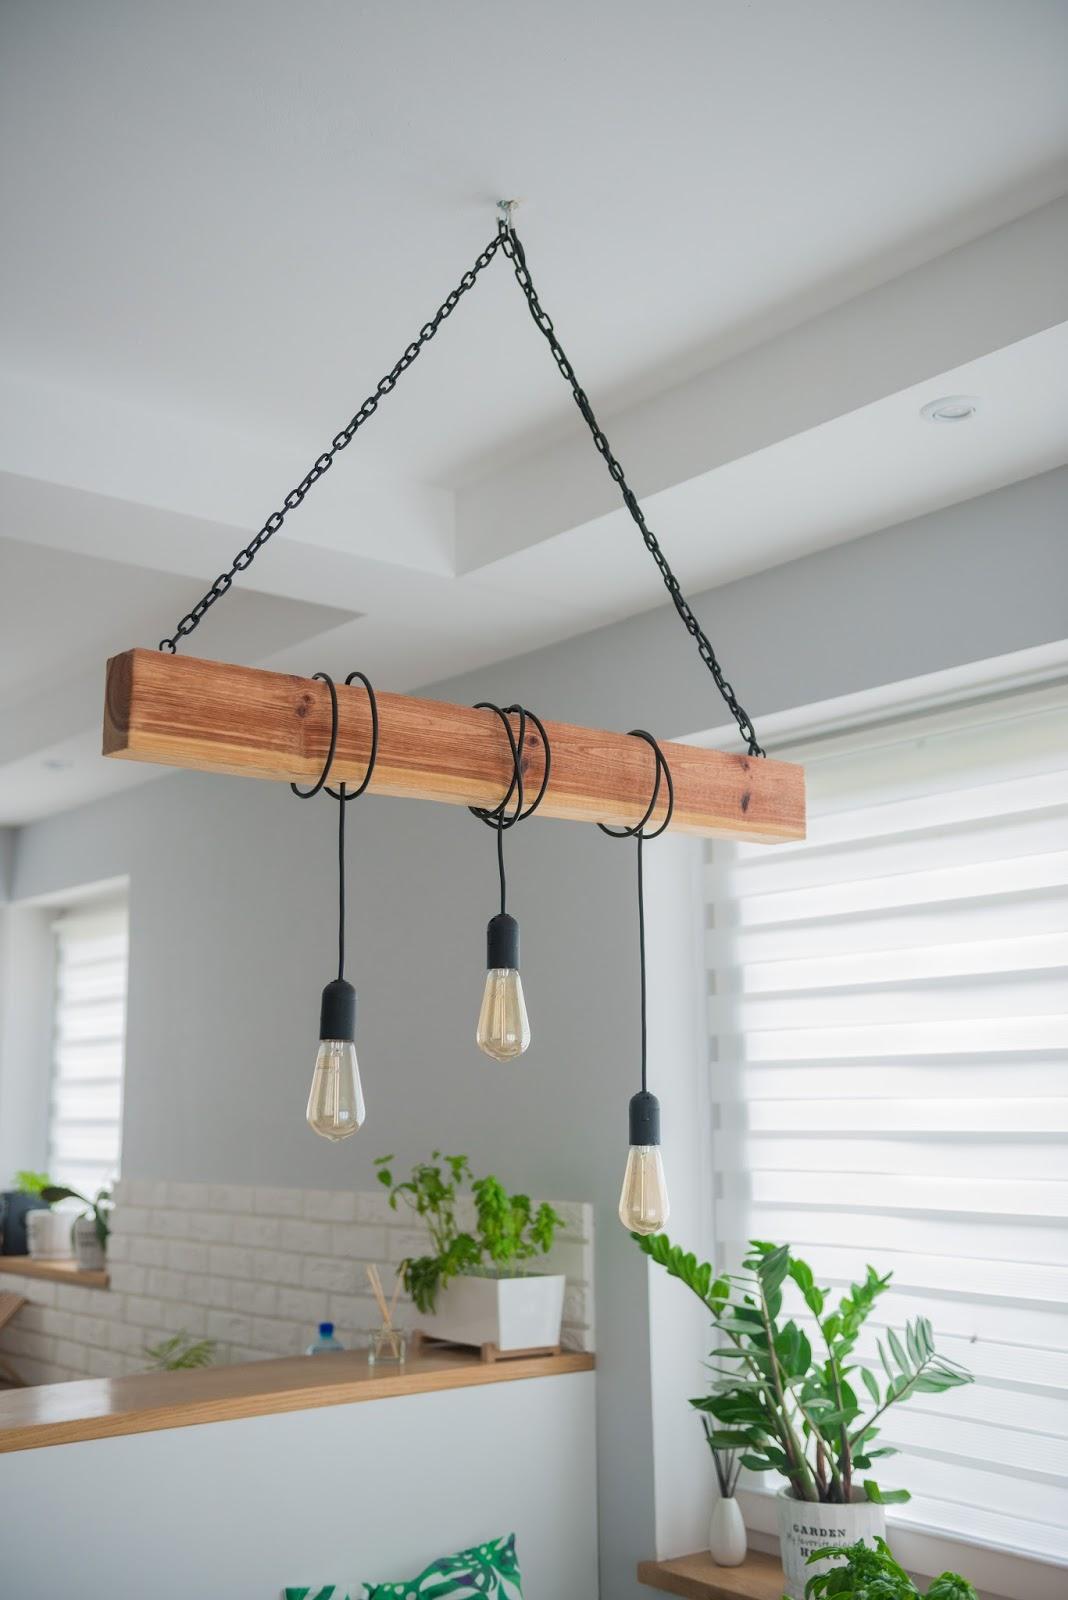 Drewniana Lampa W Stylu Loft Do Salonu Diy Kate Likes It